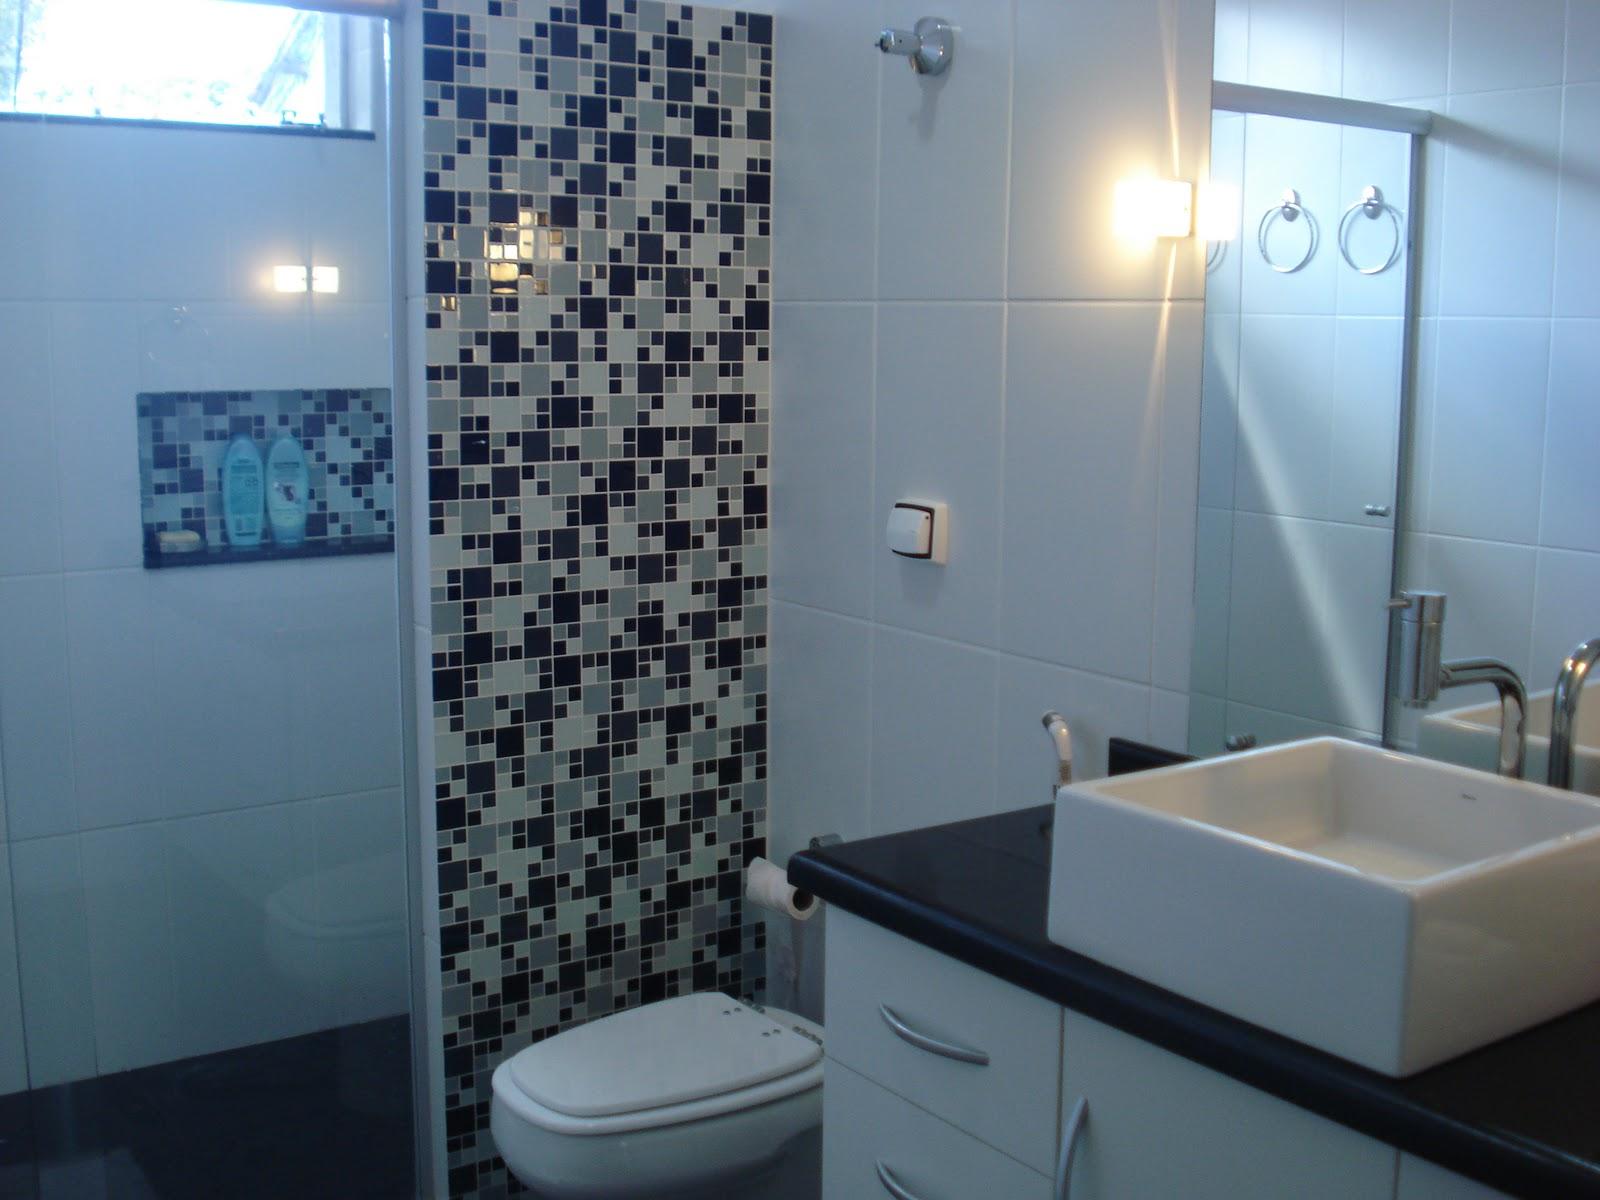 Sonhar Juntos: BANHEIRO PASTILHAS DE VIDRO: vamos brincar de decorar  #3A6991 1600x1200 Banheiro Com Bancada Branca